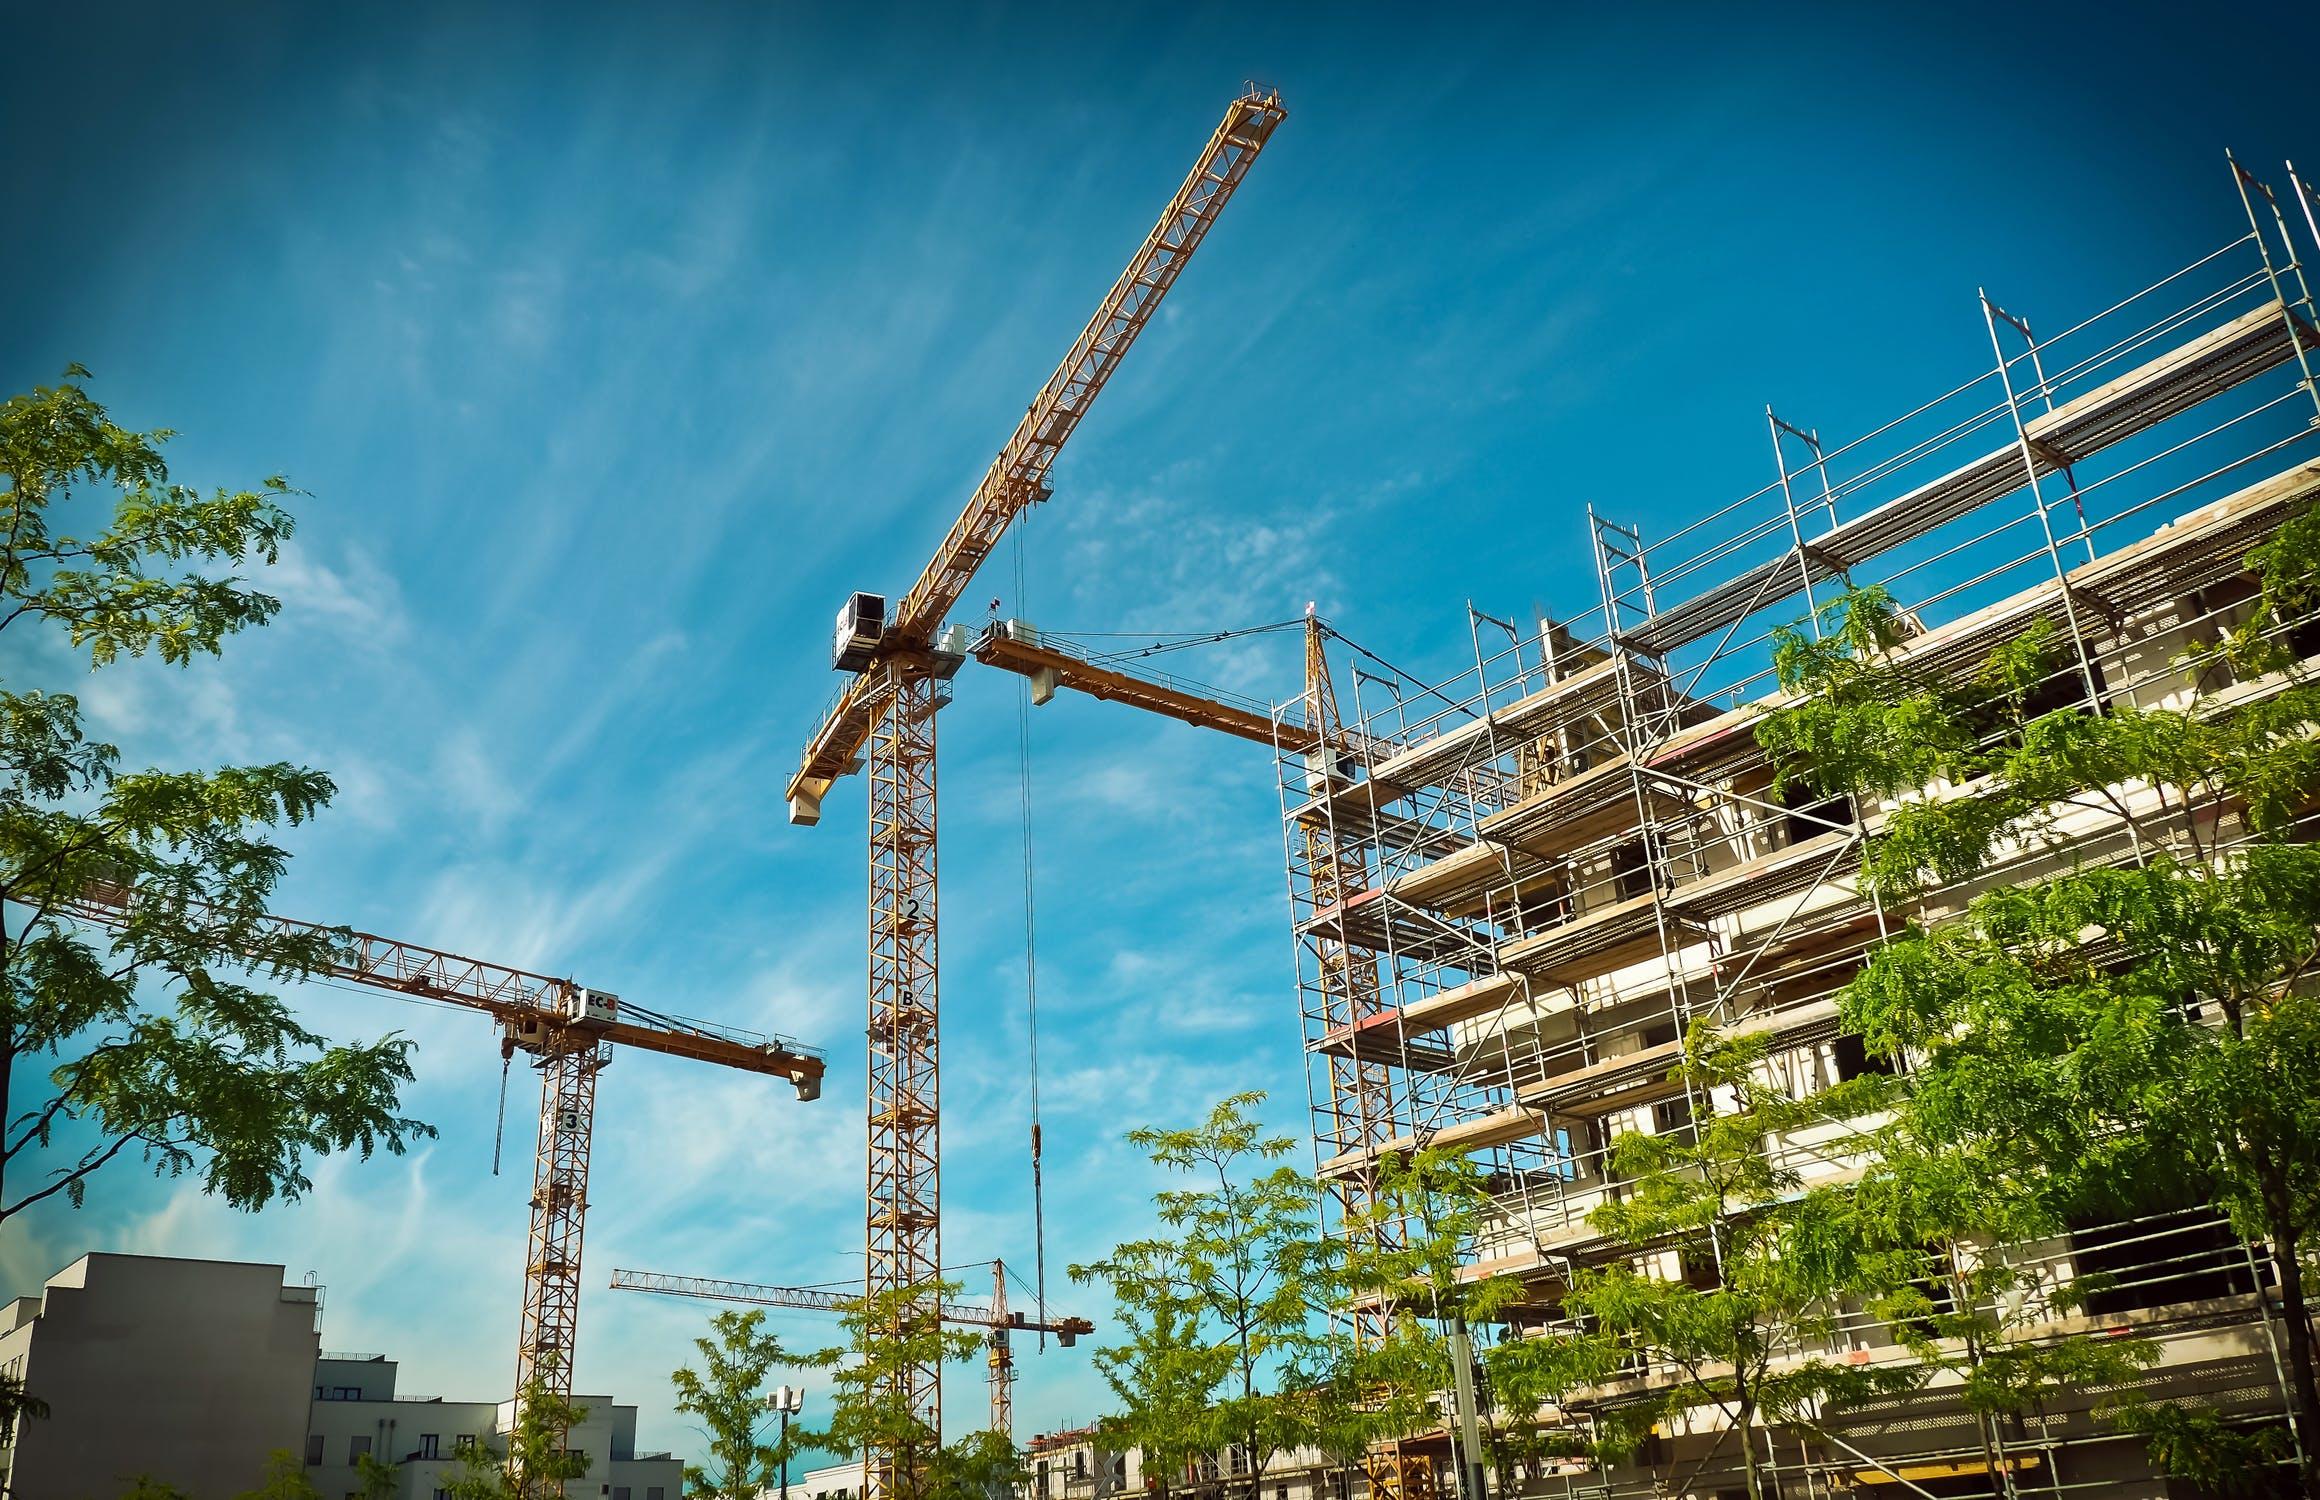 Verkoopprijs nieuwbouw stijgt meer dan die van bestaande woningen